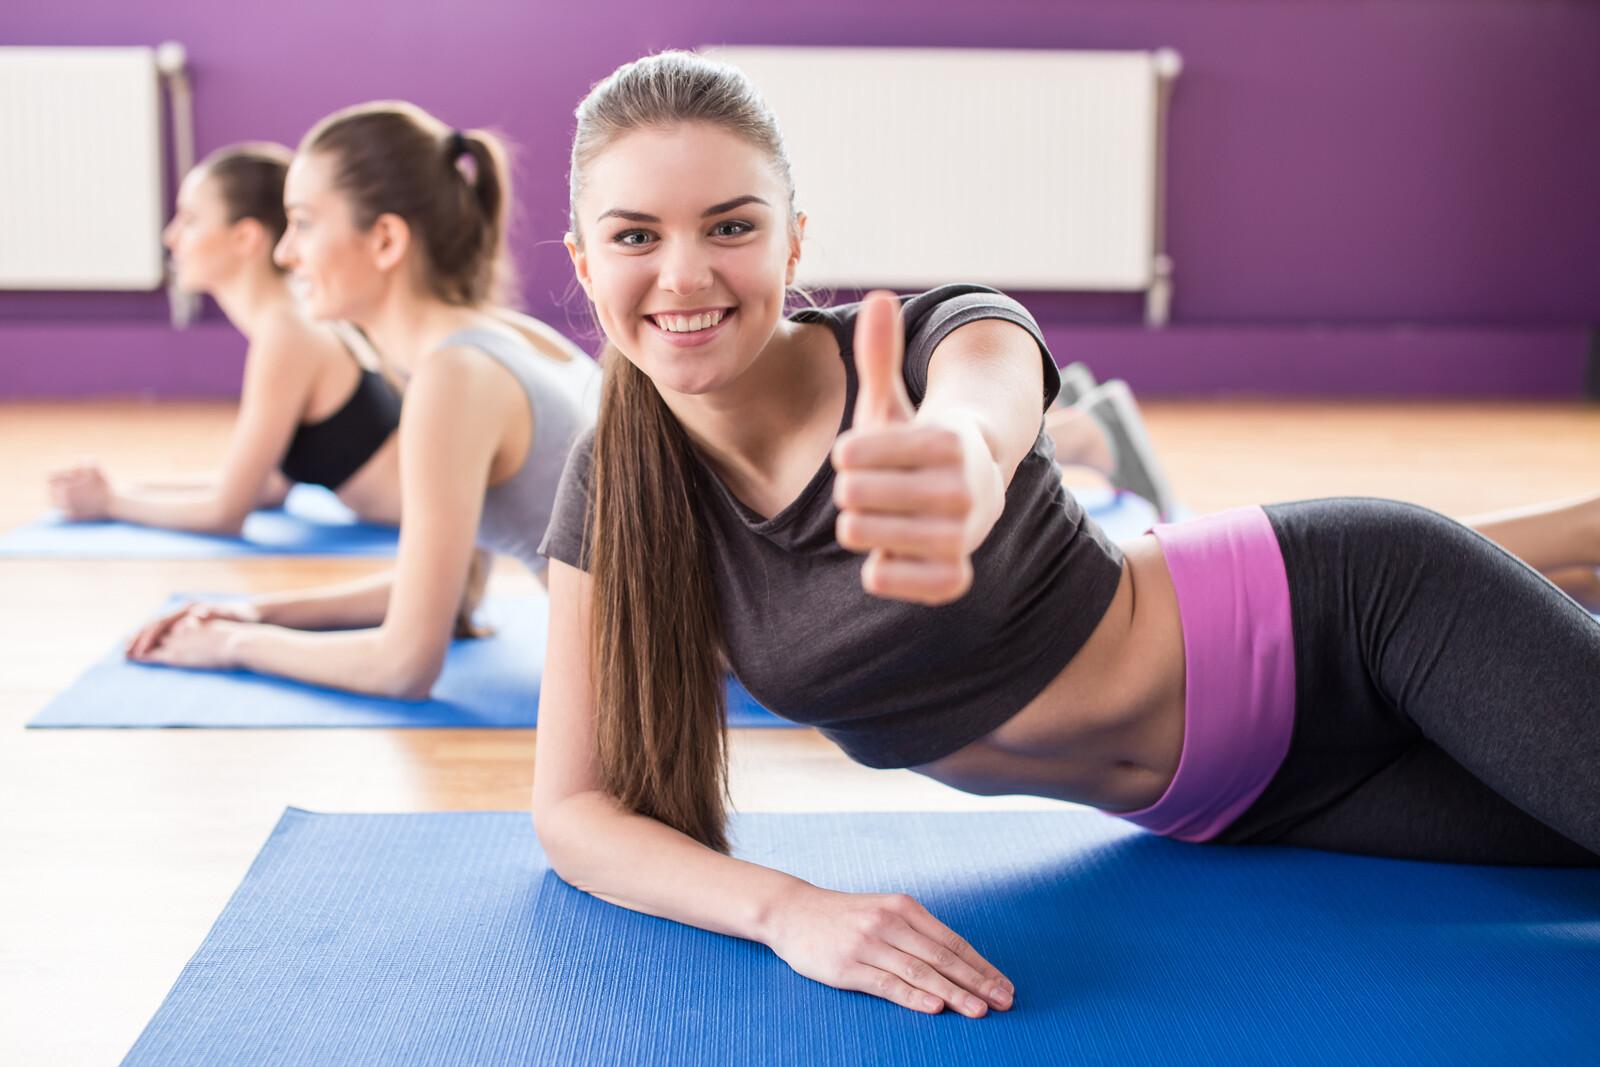 dma Clinical Pilates